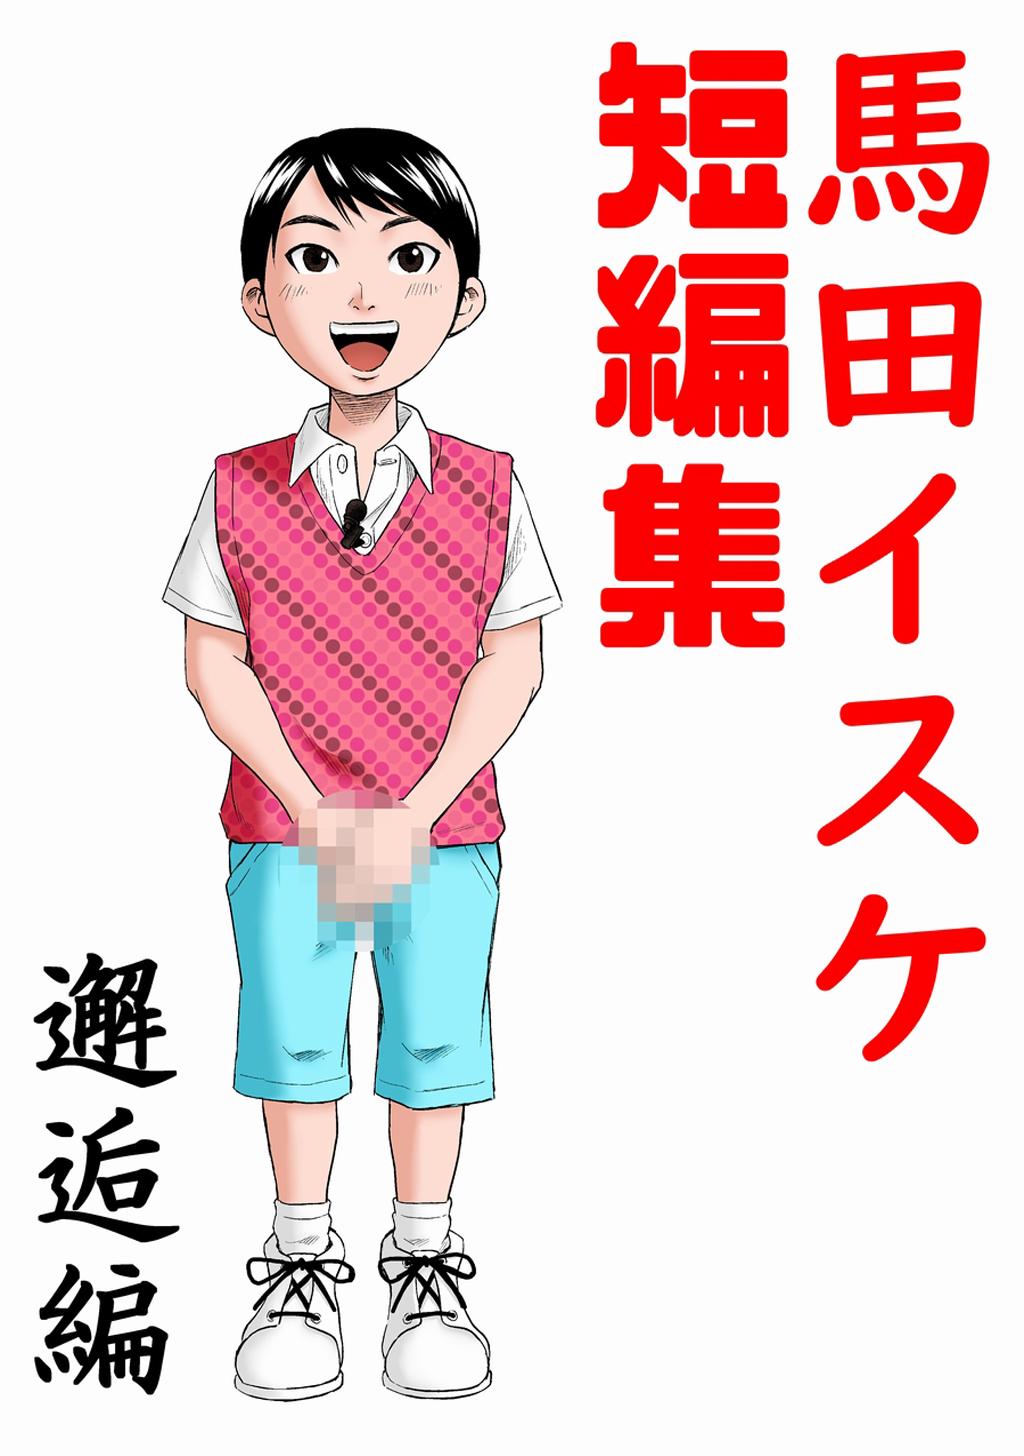 馬田イスケ短編集 邂逅編(第1巻)